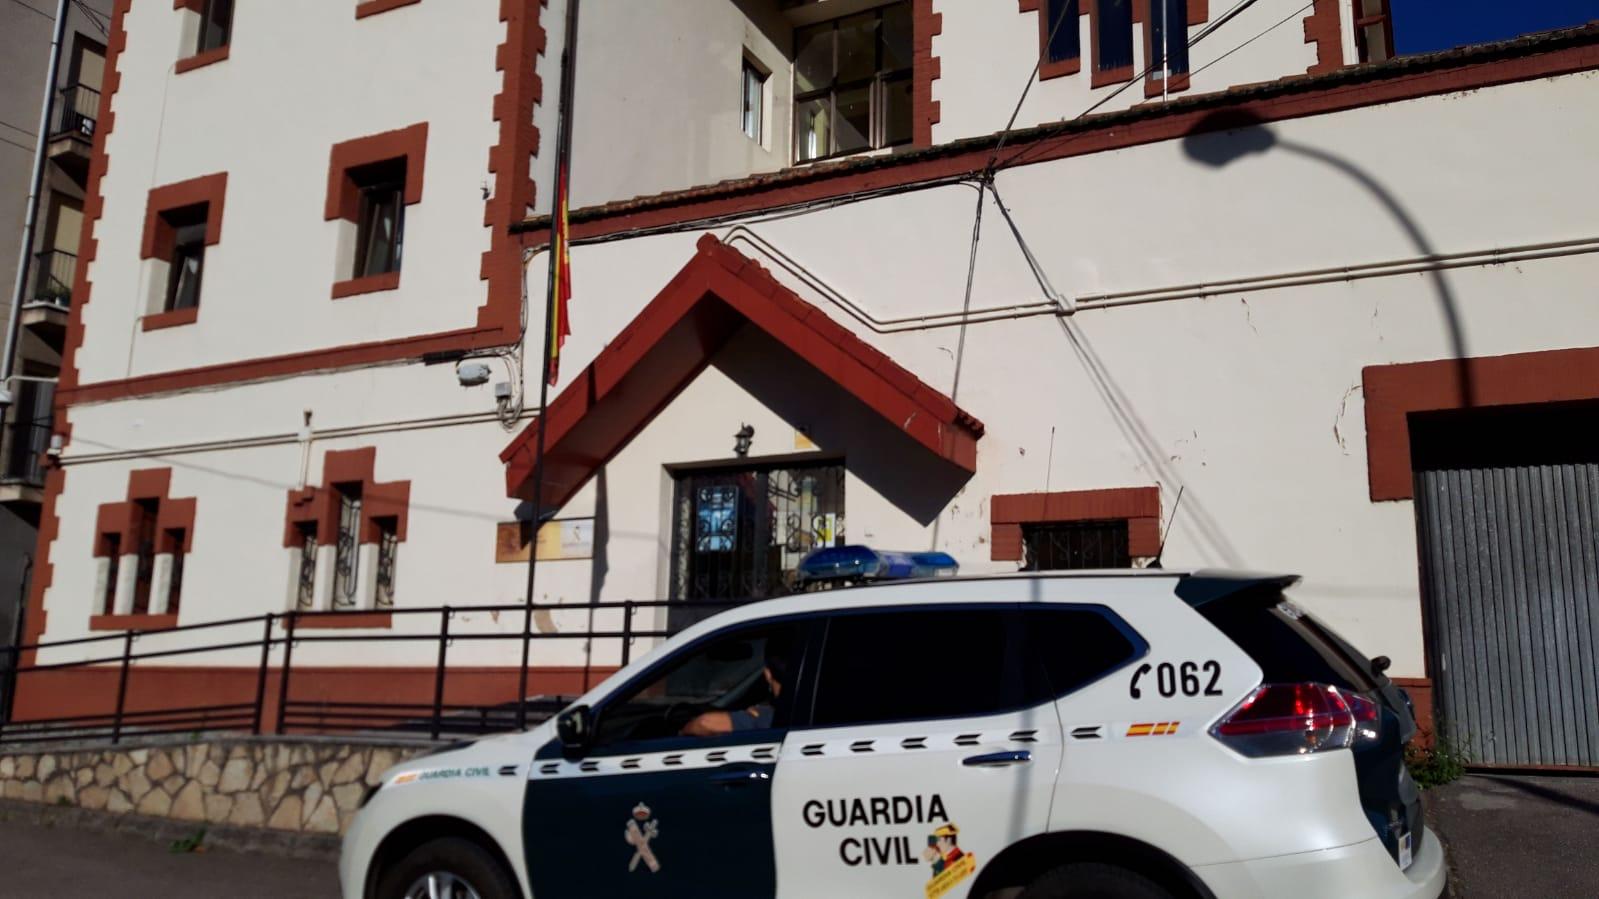 La Guardia Civil sorprende a 22 jóvenes en un bar de Turón incumpliendo las normas reguladoras para la prevención de contagios de la COVID-19